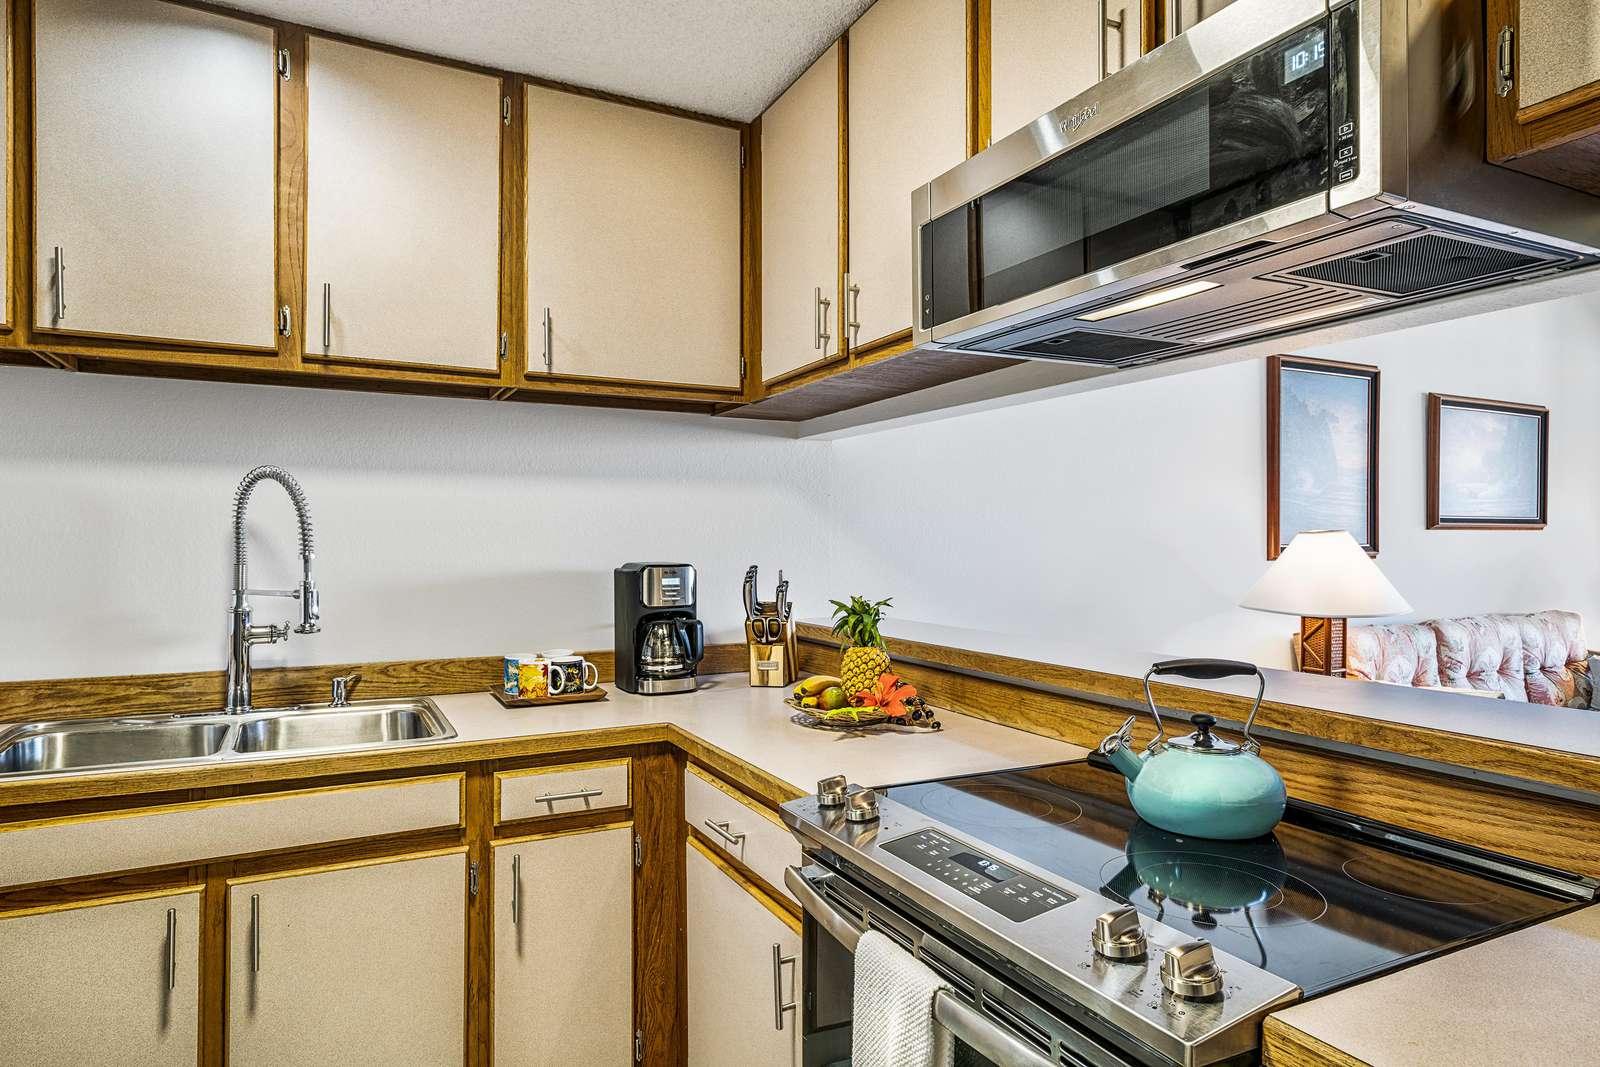 Kitchen with new range